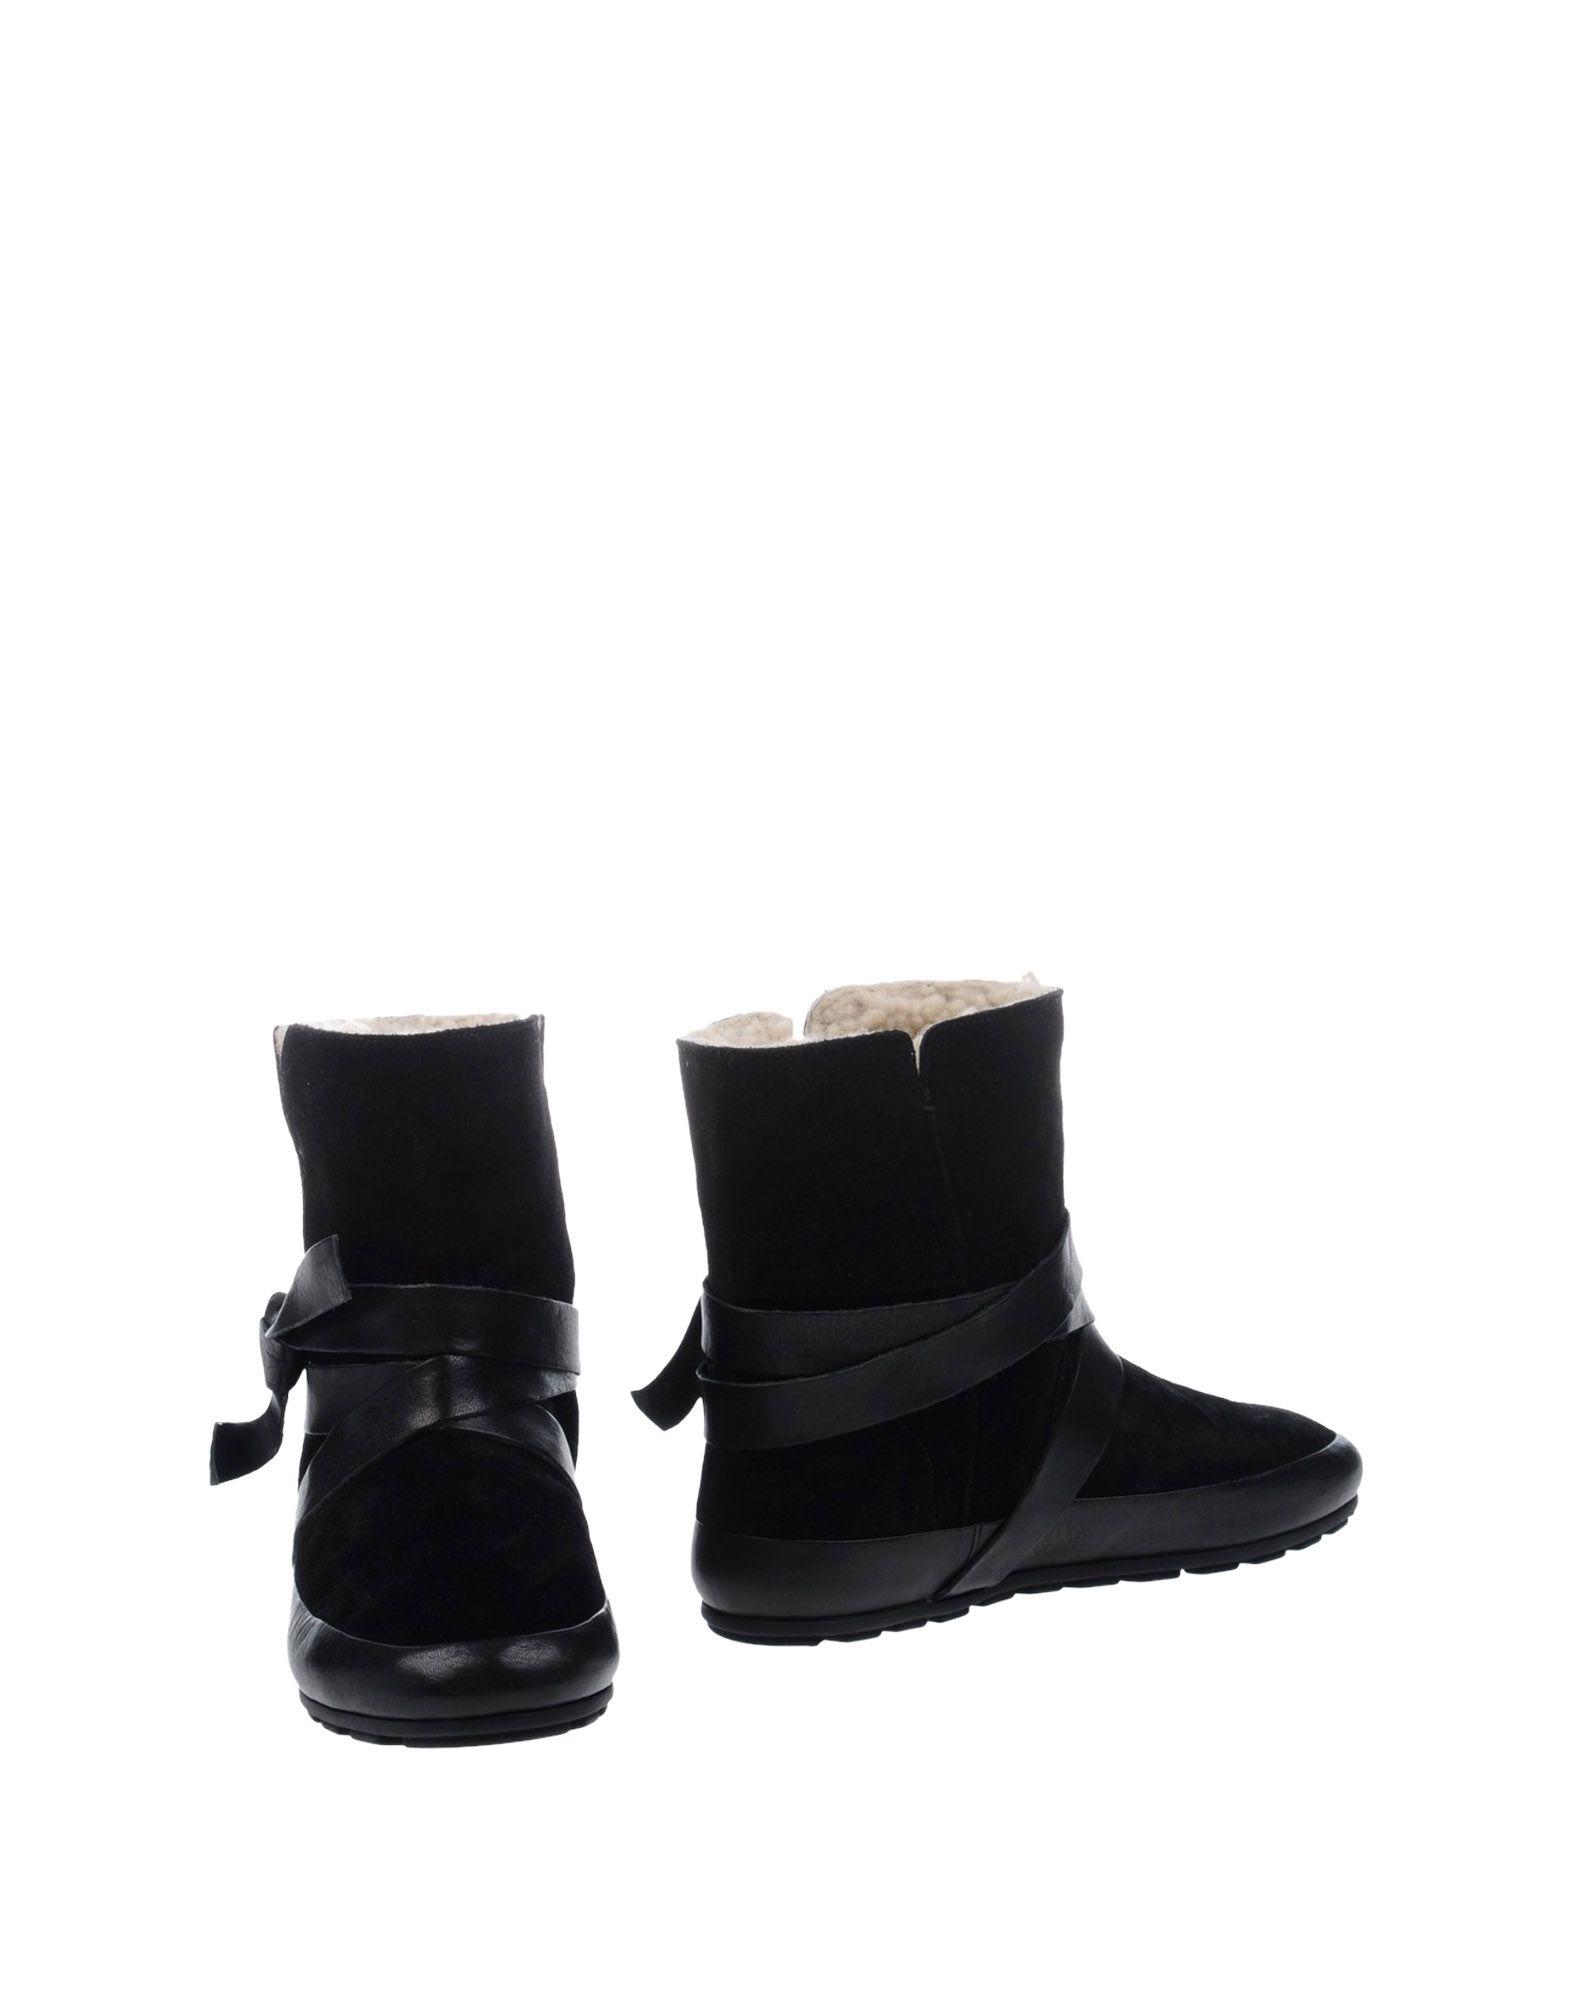 Isabel Marant 11258743QCGut Étoile Stiefelette Damen  11258743QCGut Marant aussehende strapazierfähige Schuhe 8fa30d